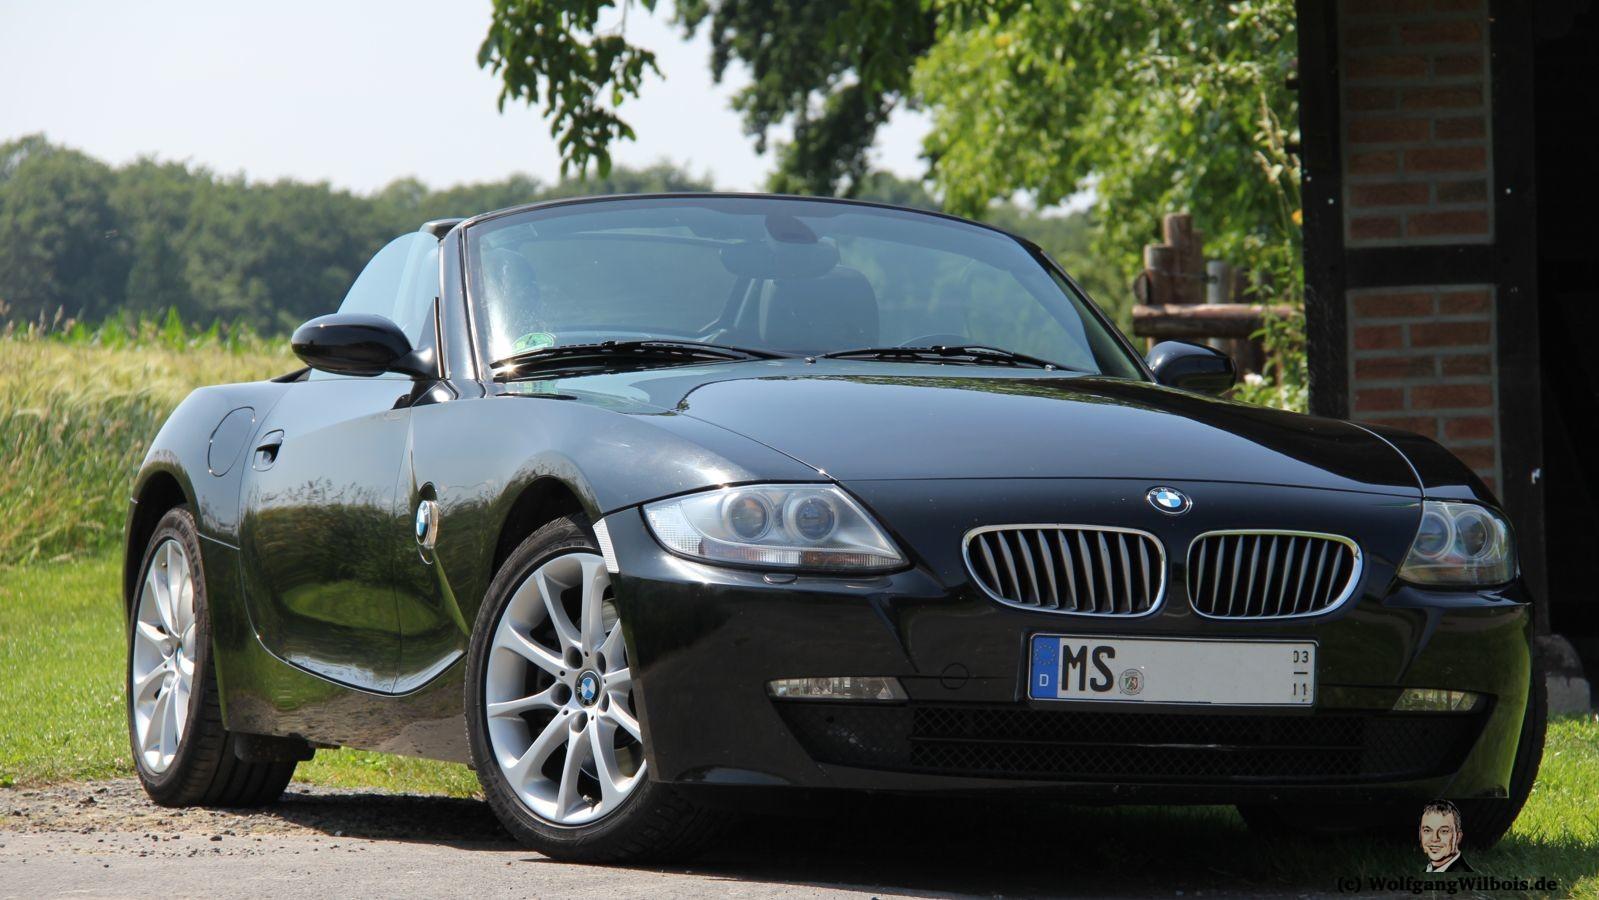 BMW Z4 Xenonlampe Hakvoort Muenster